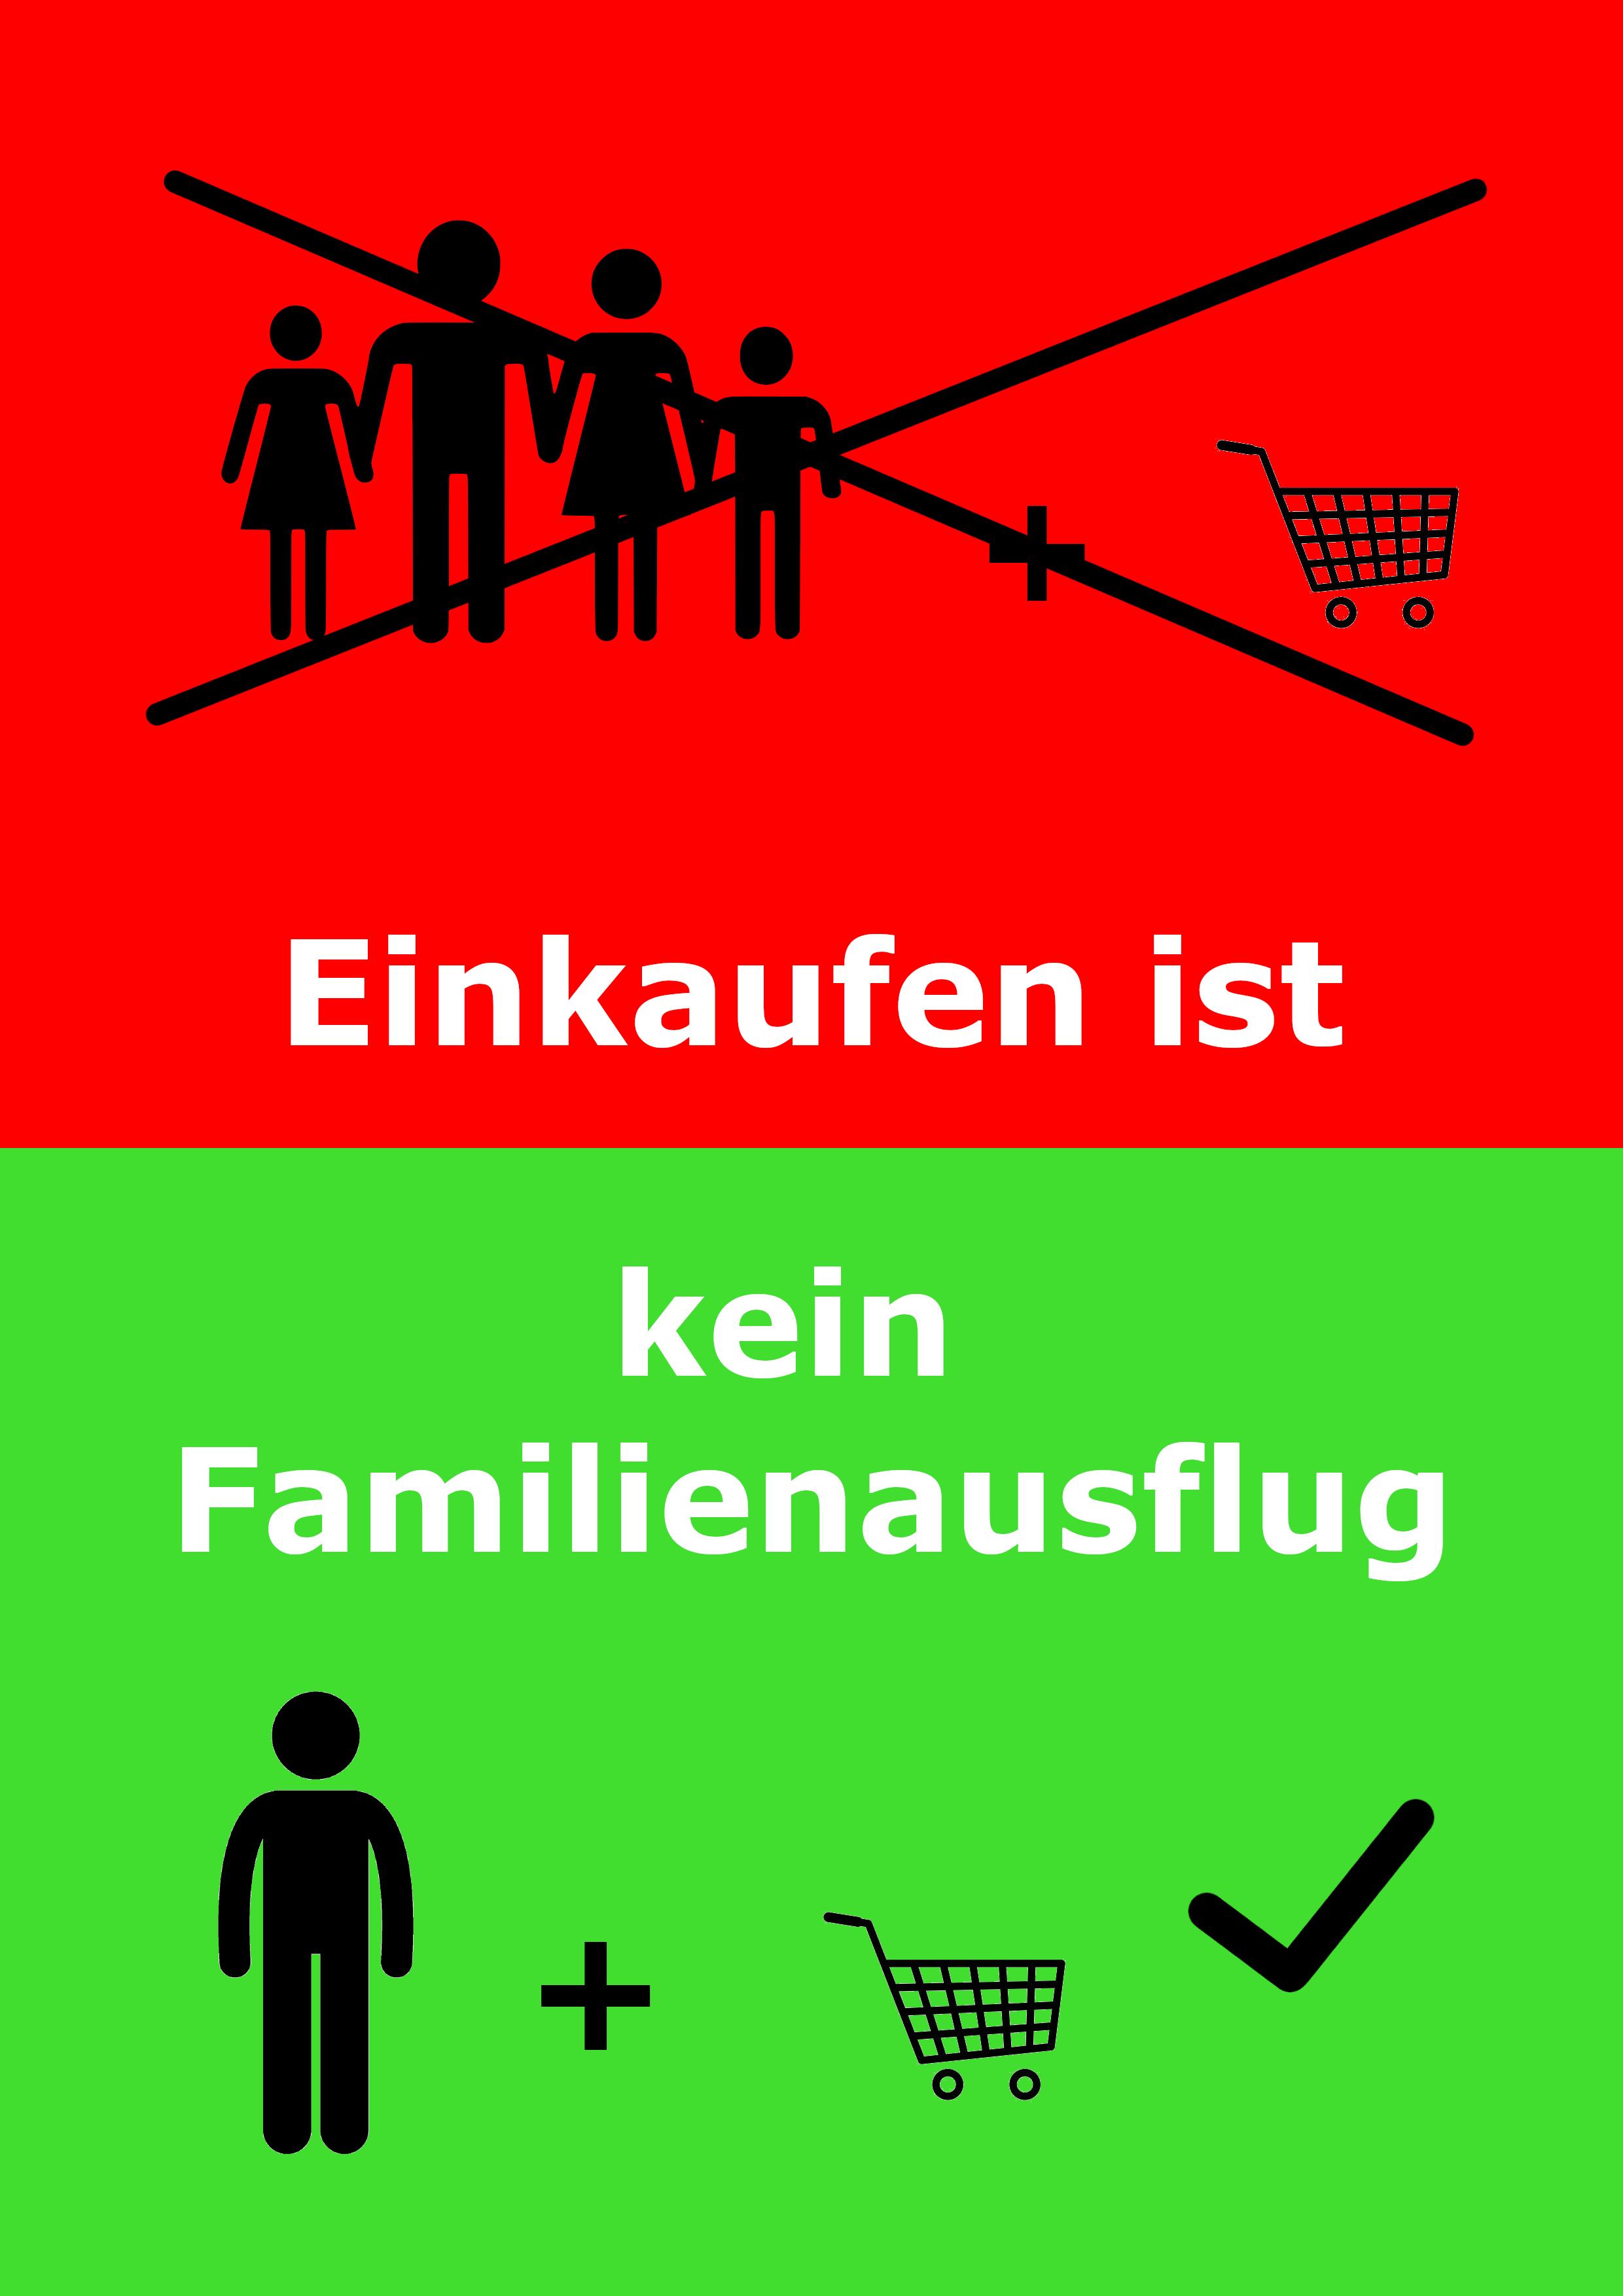 Einkaufen Ist Kein Familienausflug